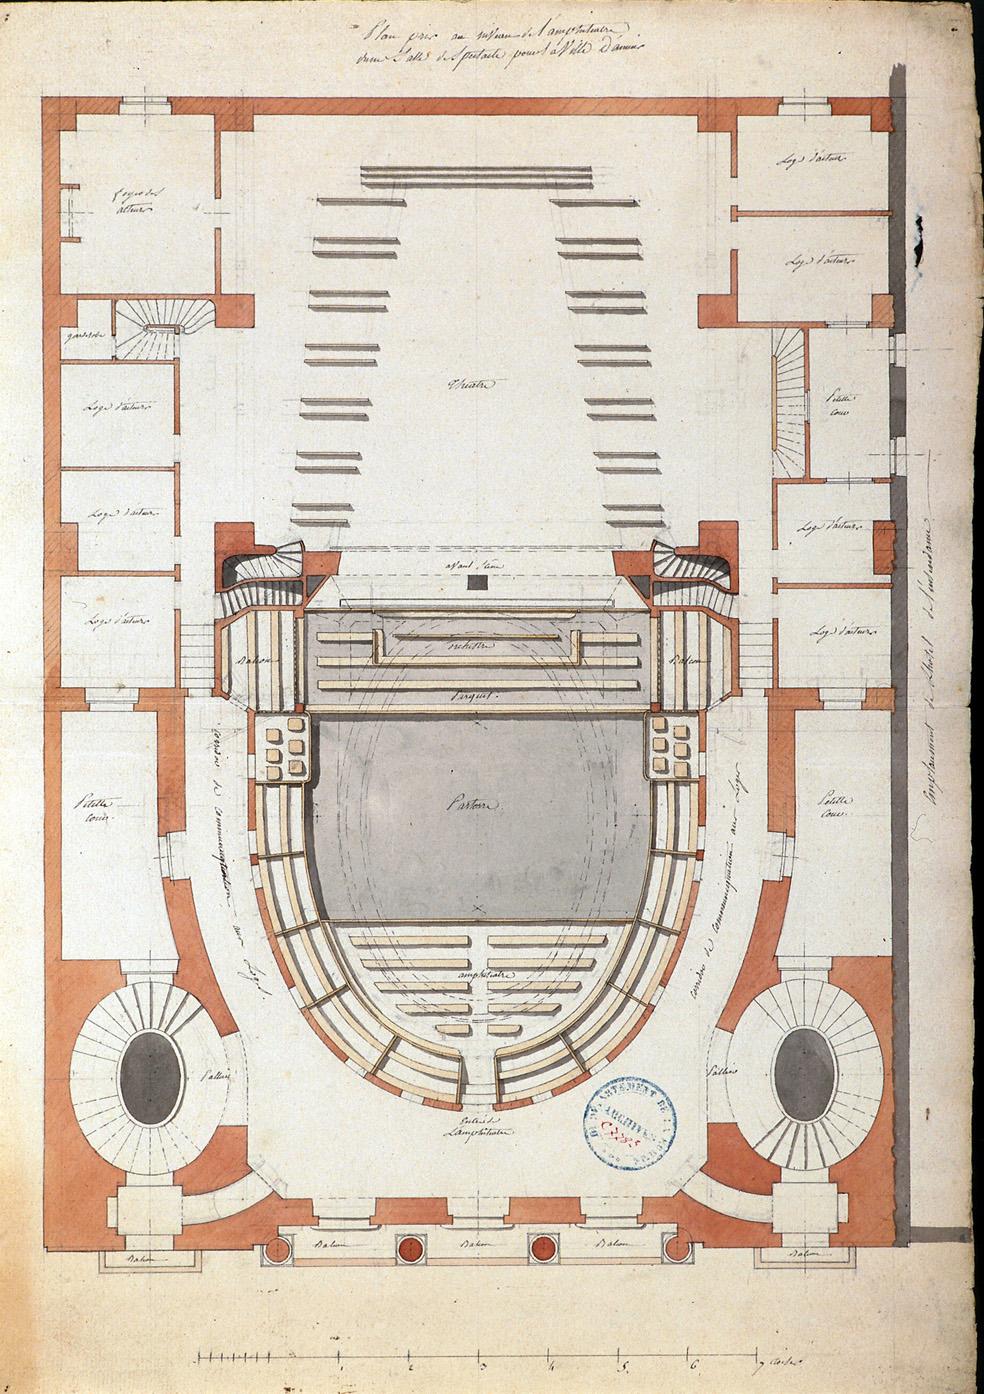 Plan pris au niveau de l'amphithéâtre d'une salle de spectacle pour la ville d'Amiens